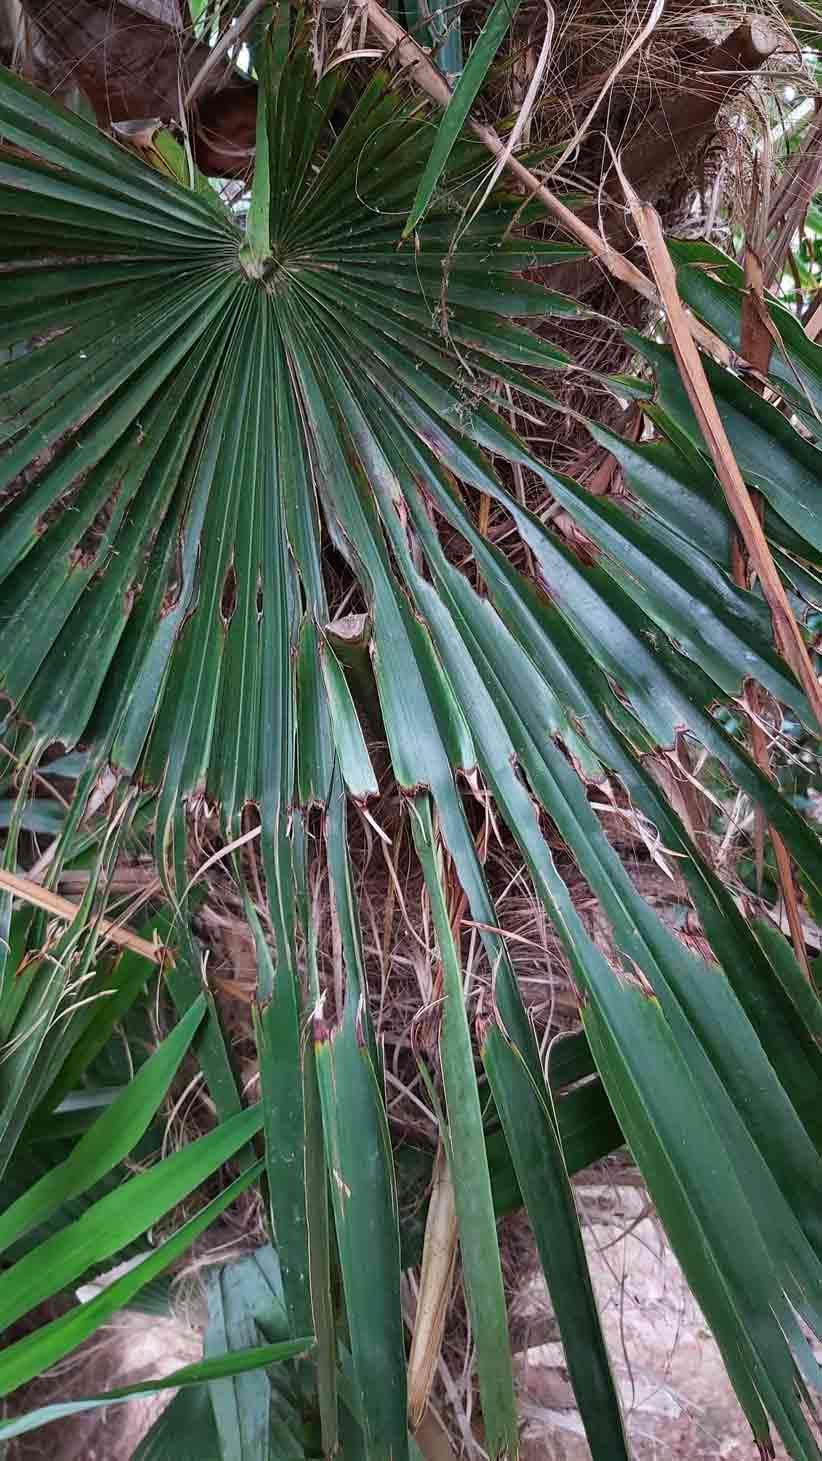 Symptômes-palmier-trachicarpus-attaque-du-coeur-du-palmier-6